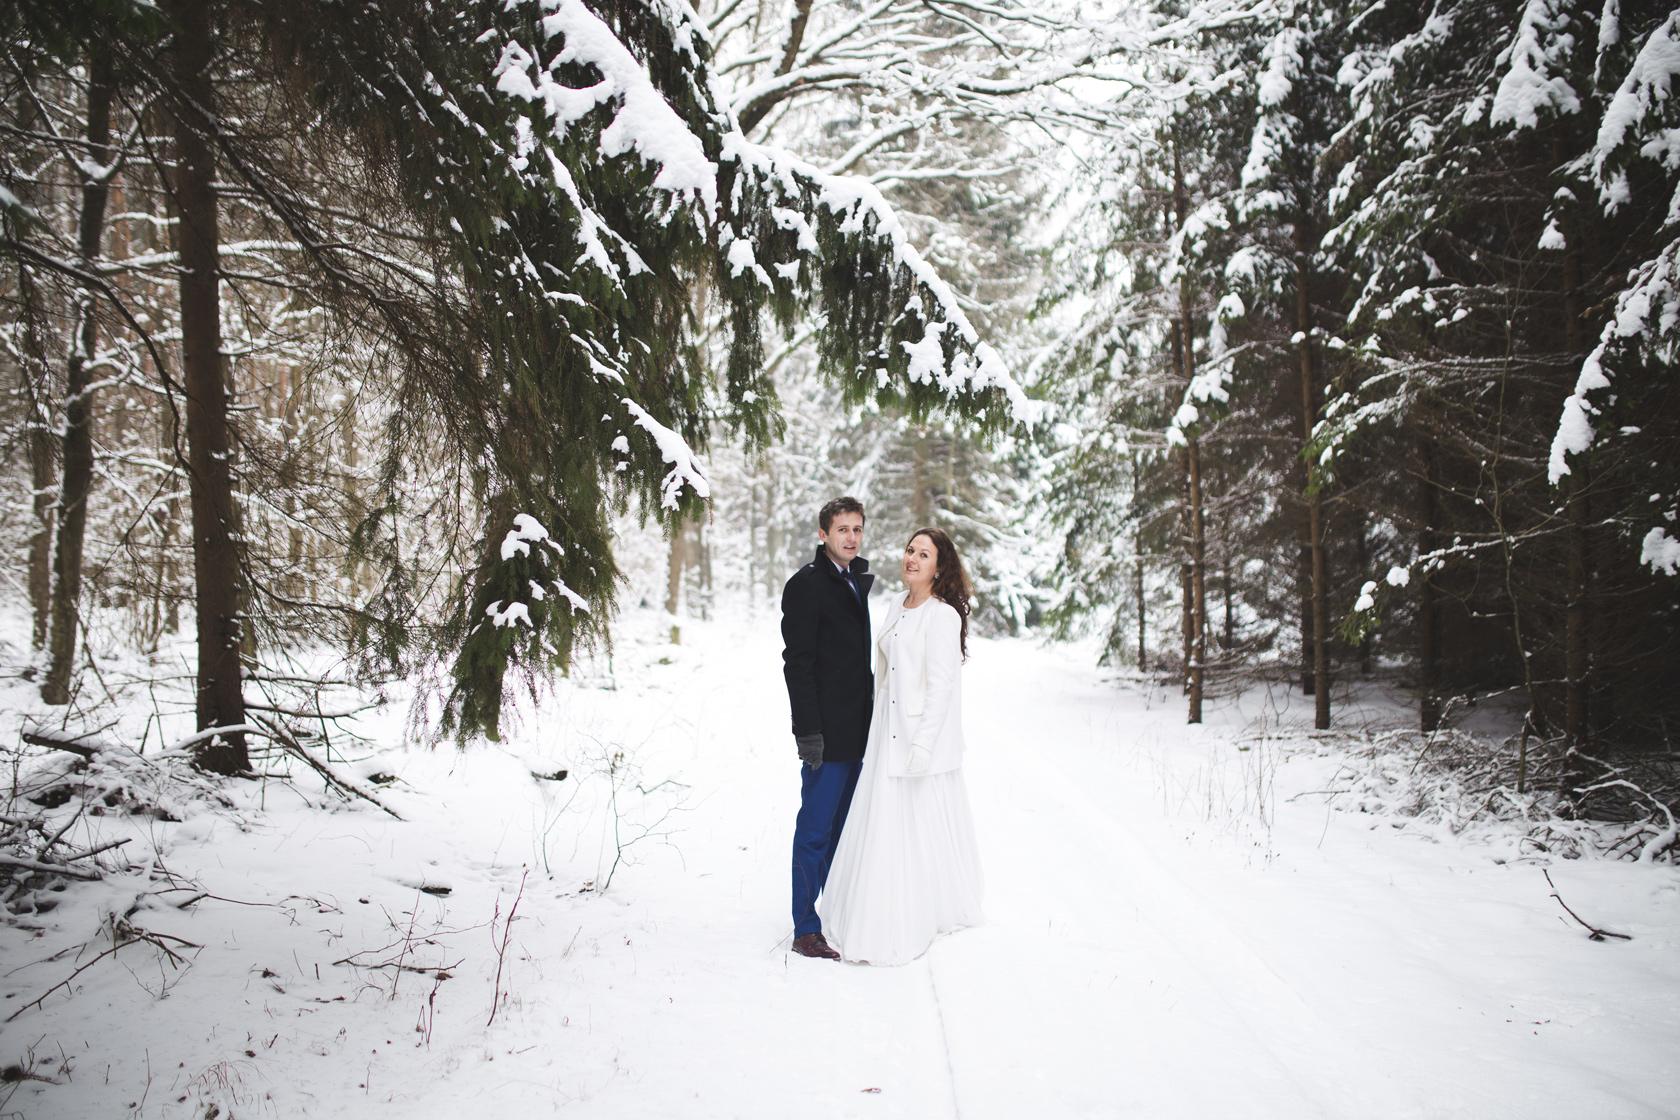 fotograf ślubny (14)